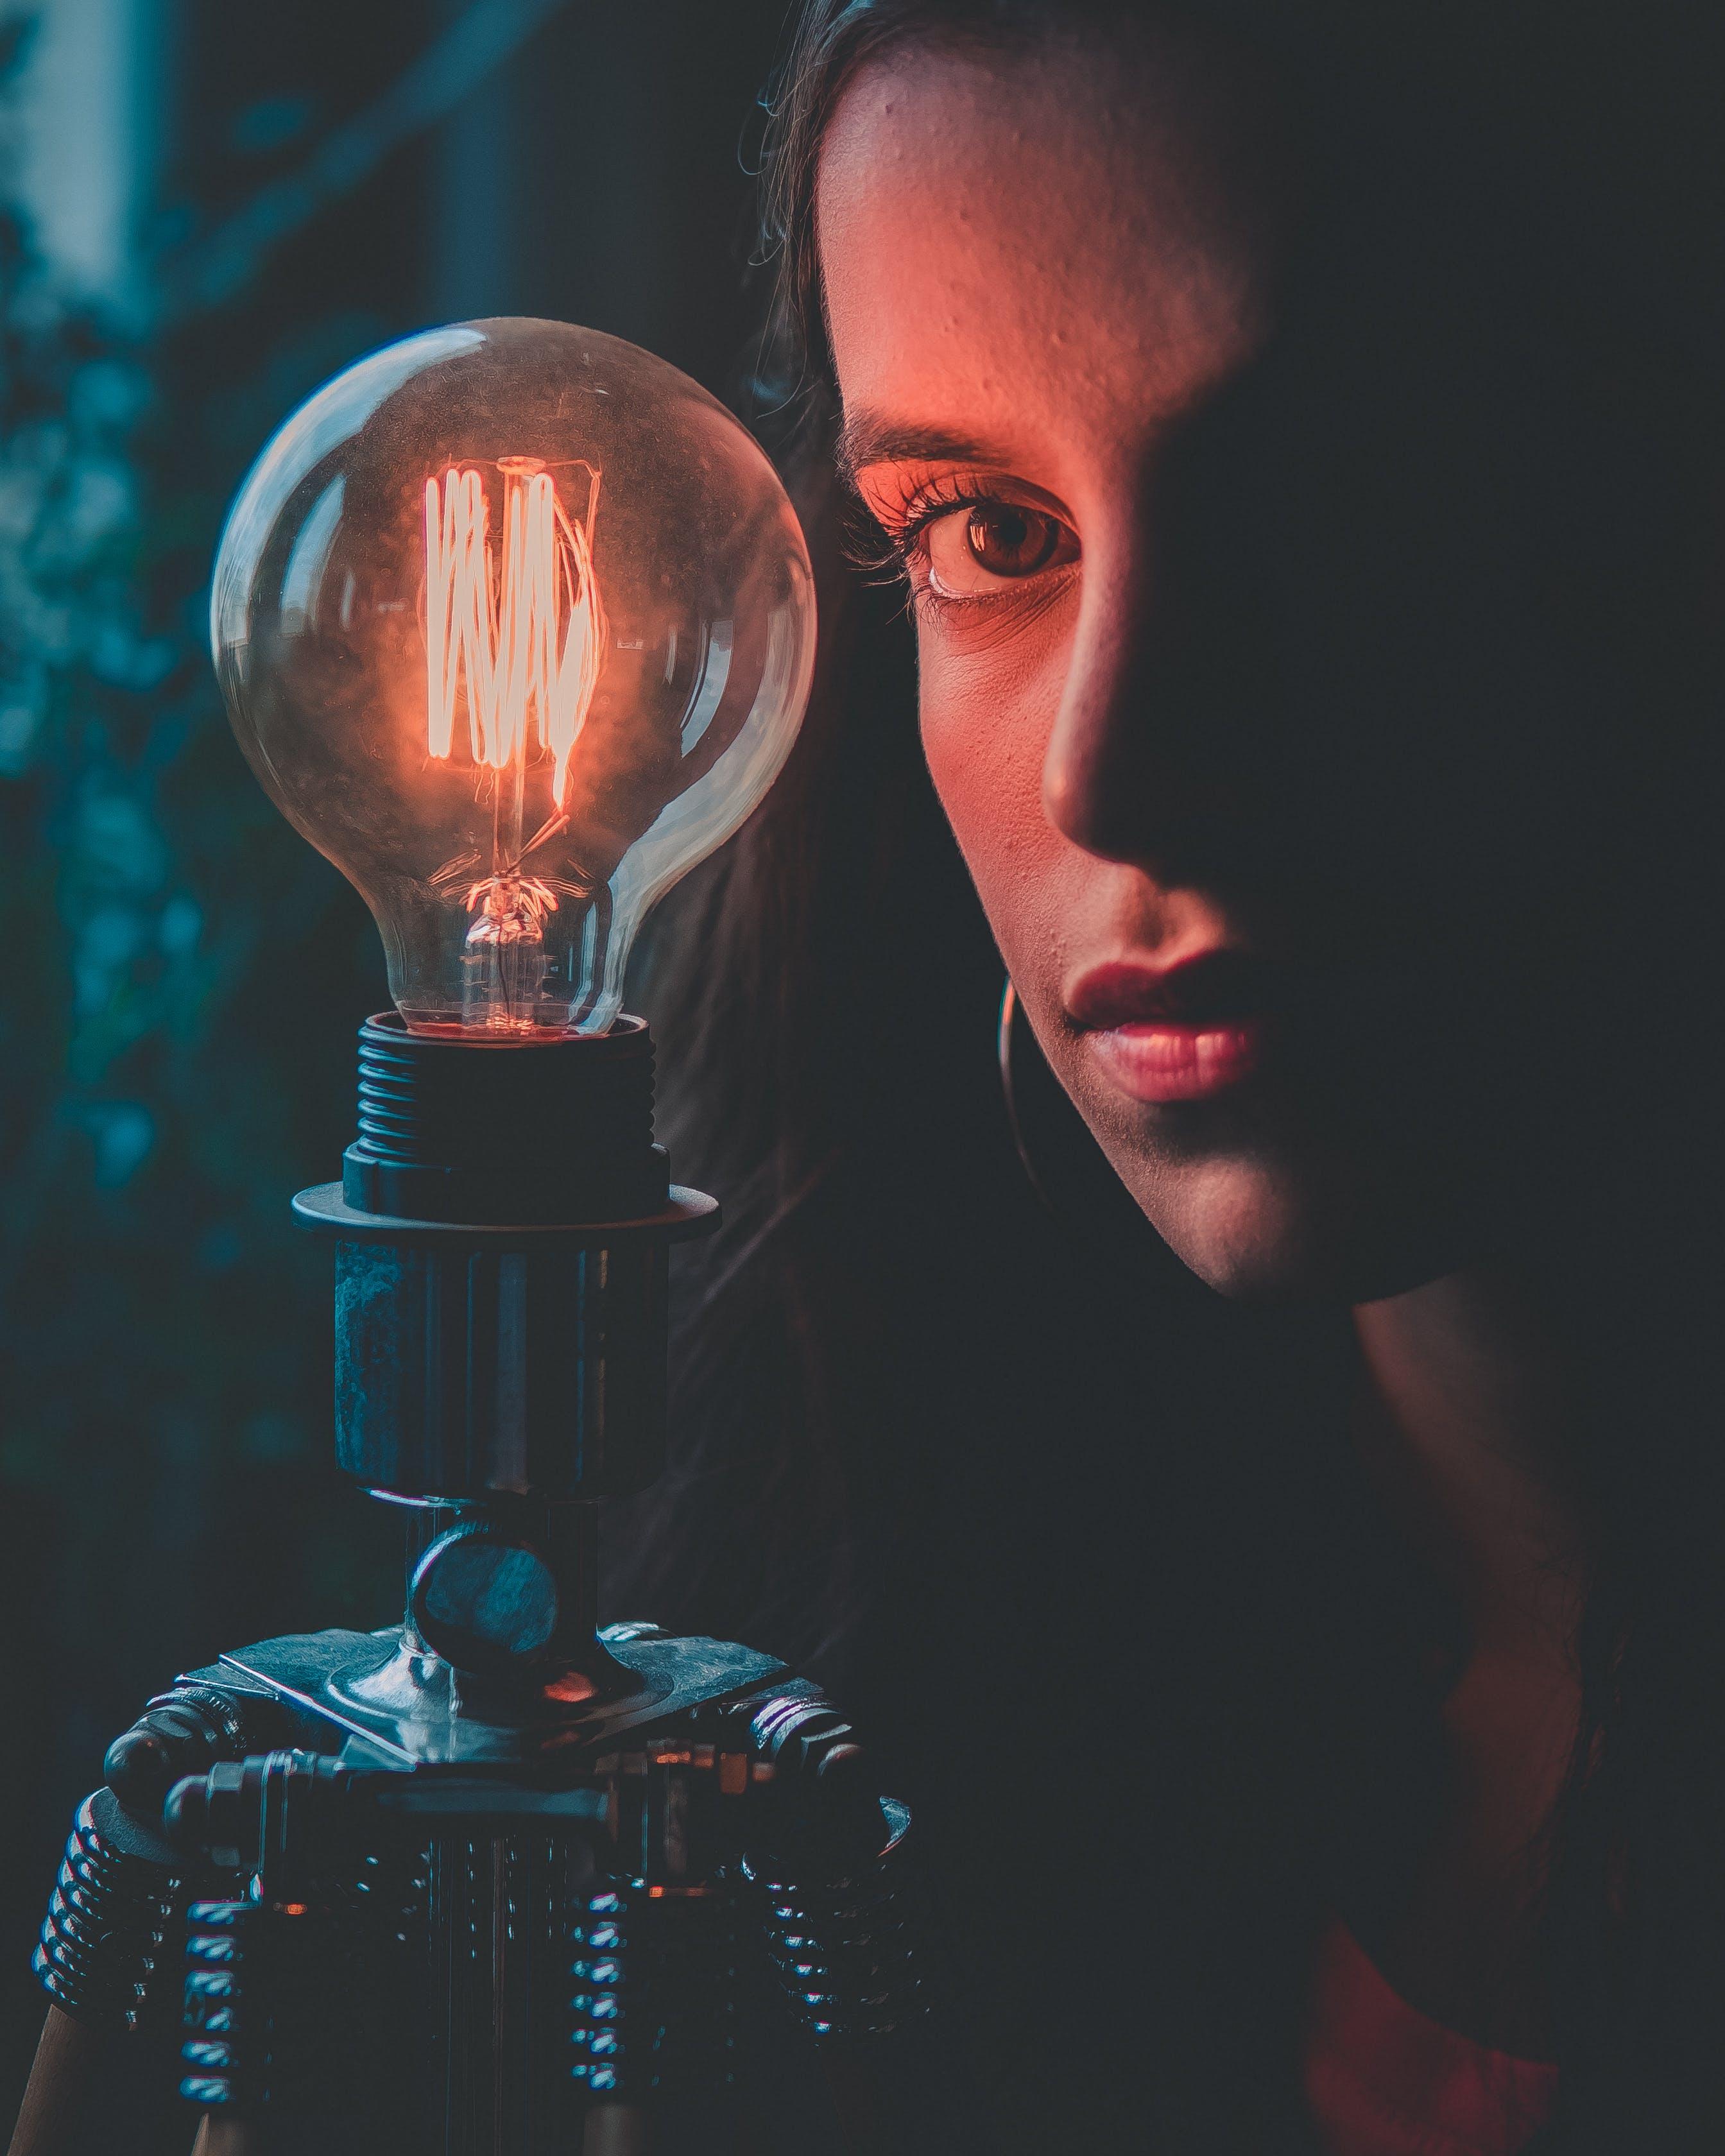 Gratis lagerfoto af belyst, billedsprog, bulb lampe, elektricitet